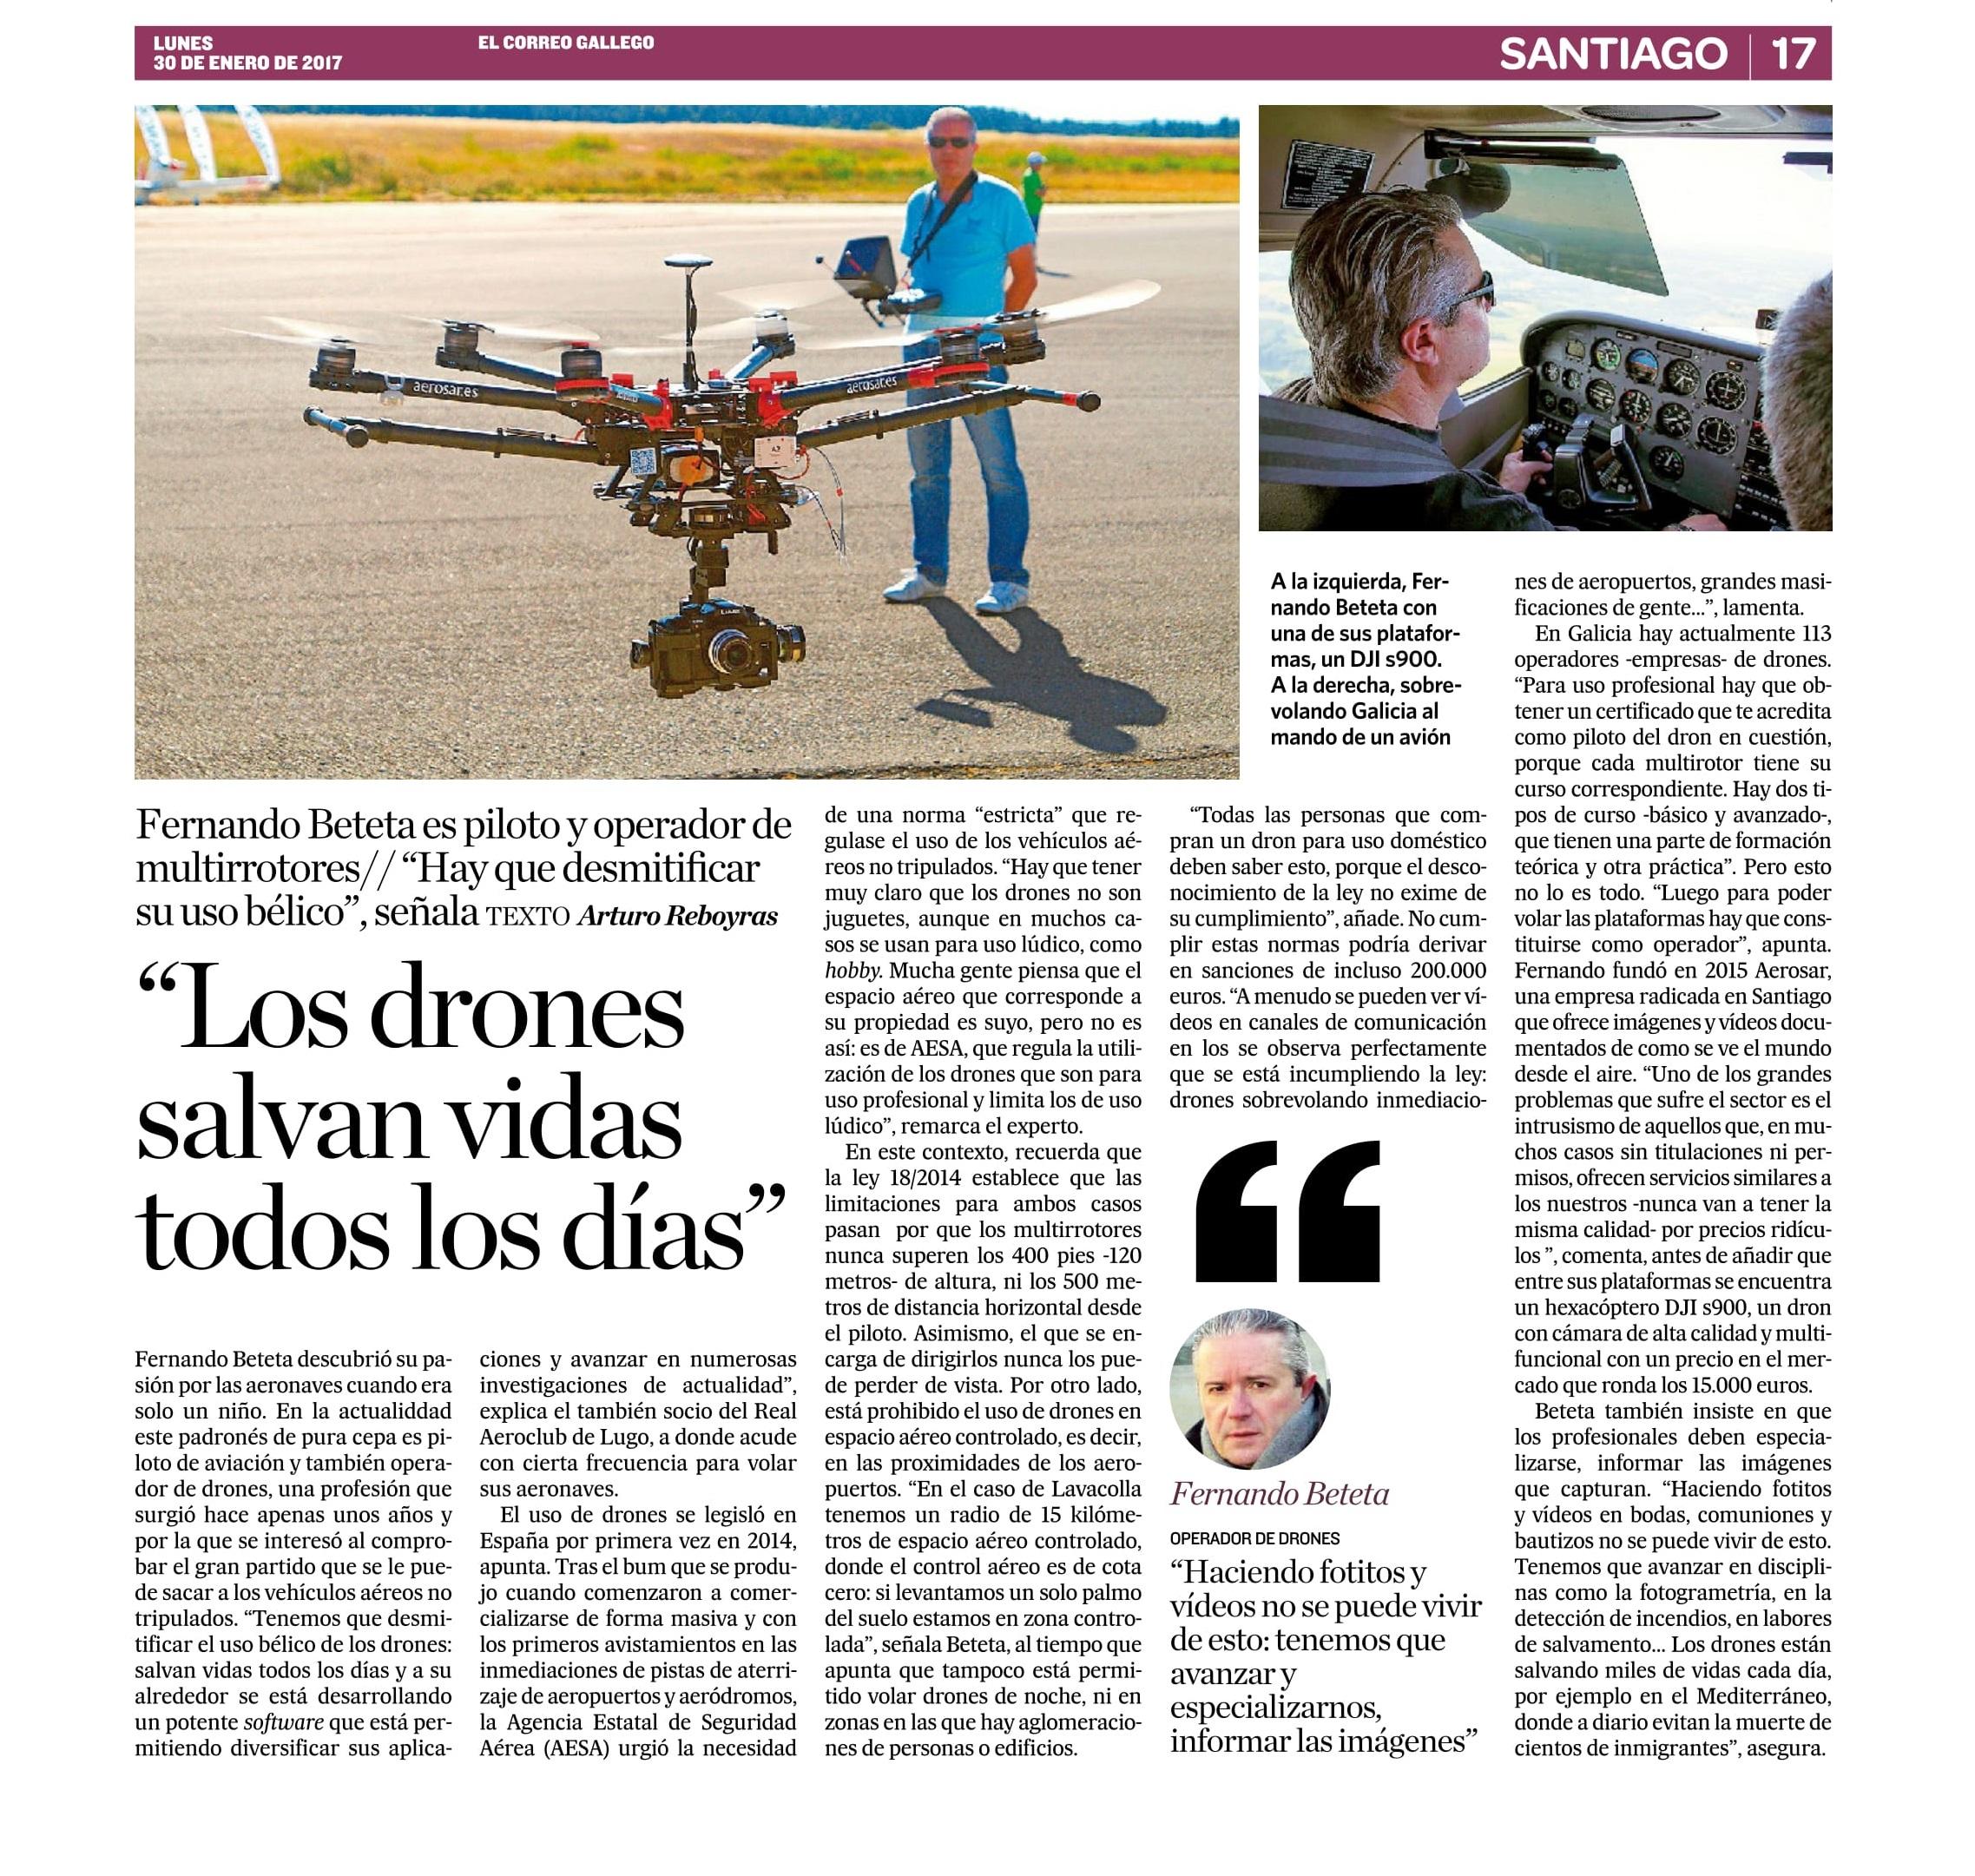 Aerosar en El Correo Gallego